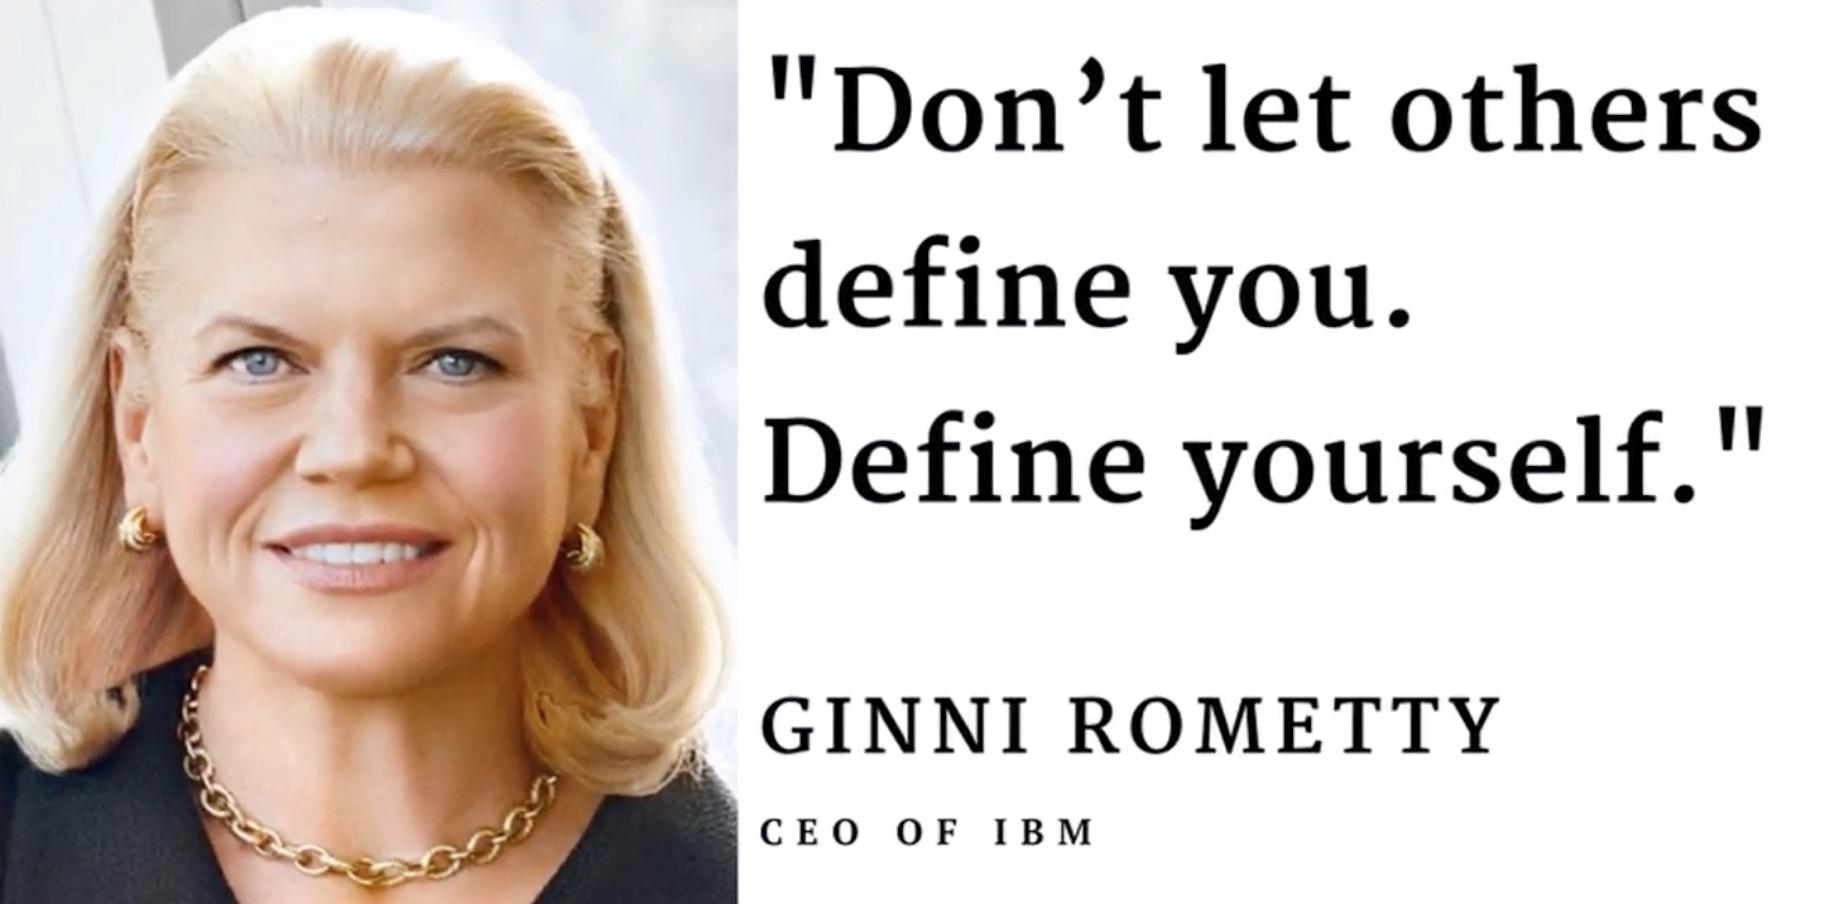 Rommity Quote